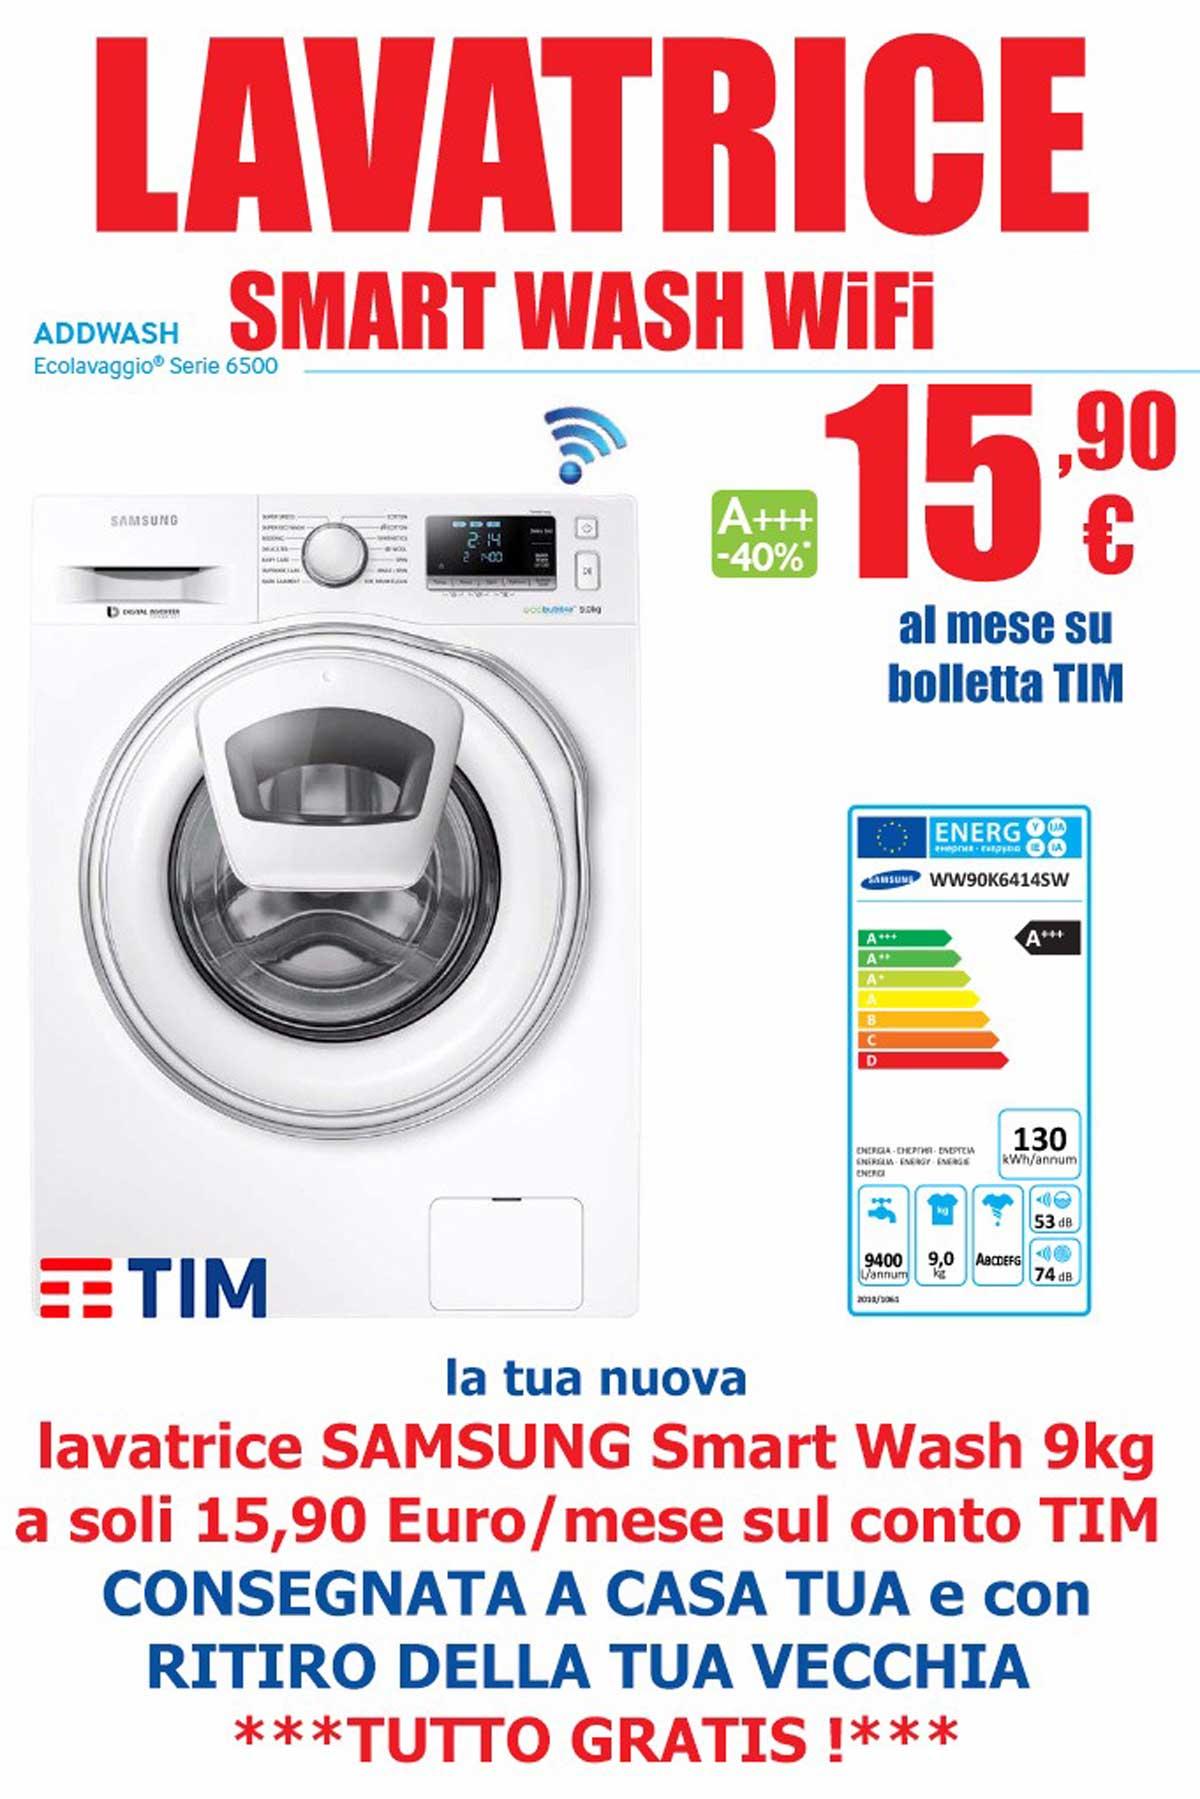 Lavatrice samsung smart wash wifi a 15 90 al mese sul for Lavatrice wifi